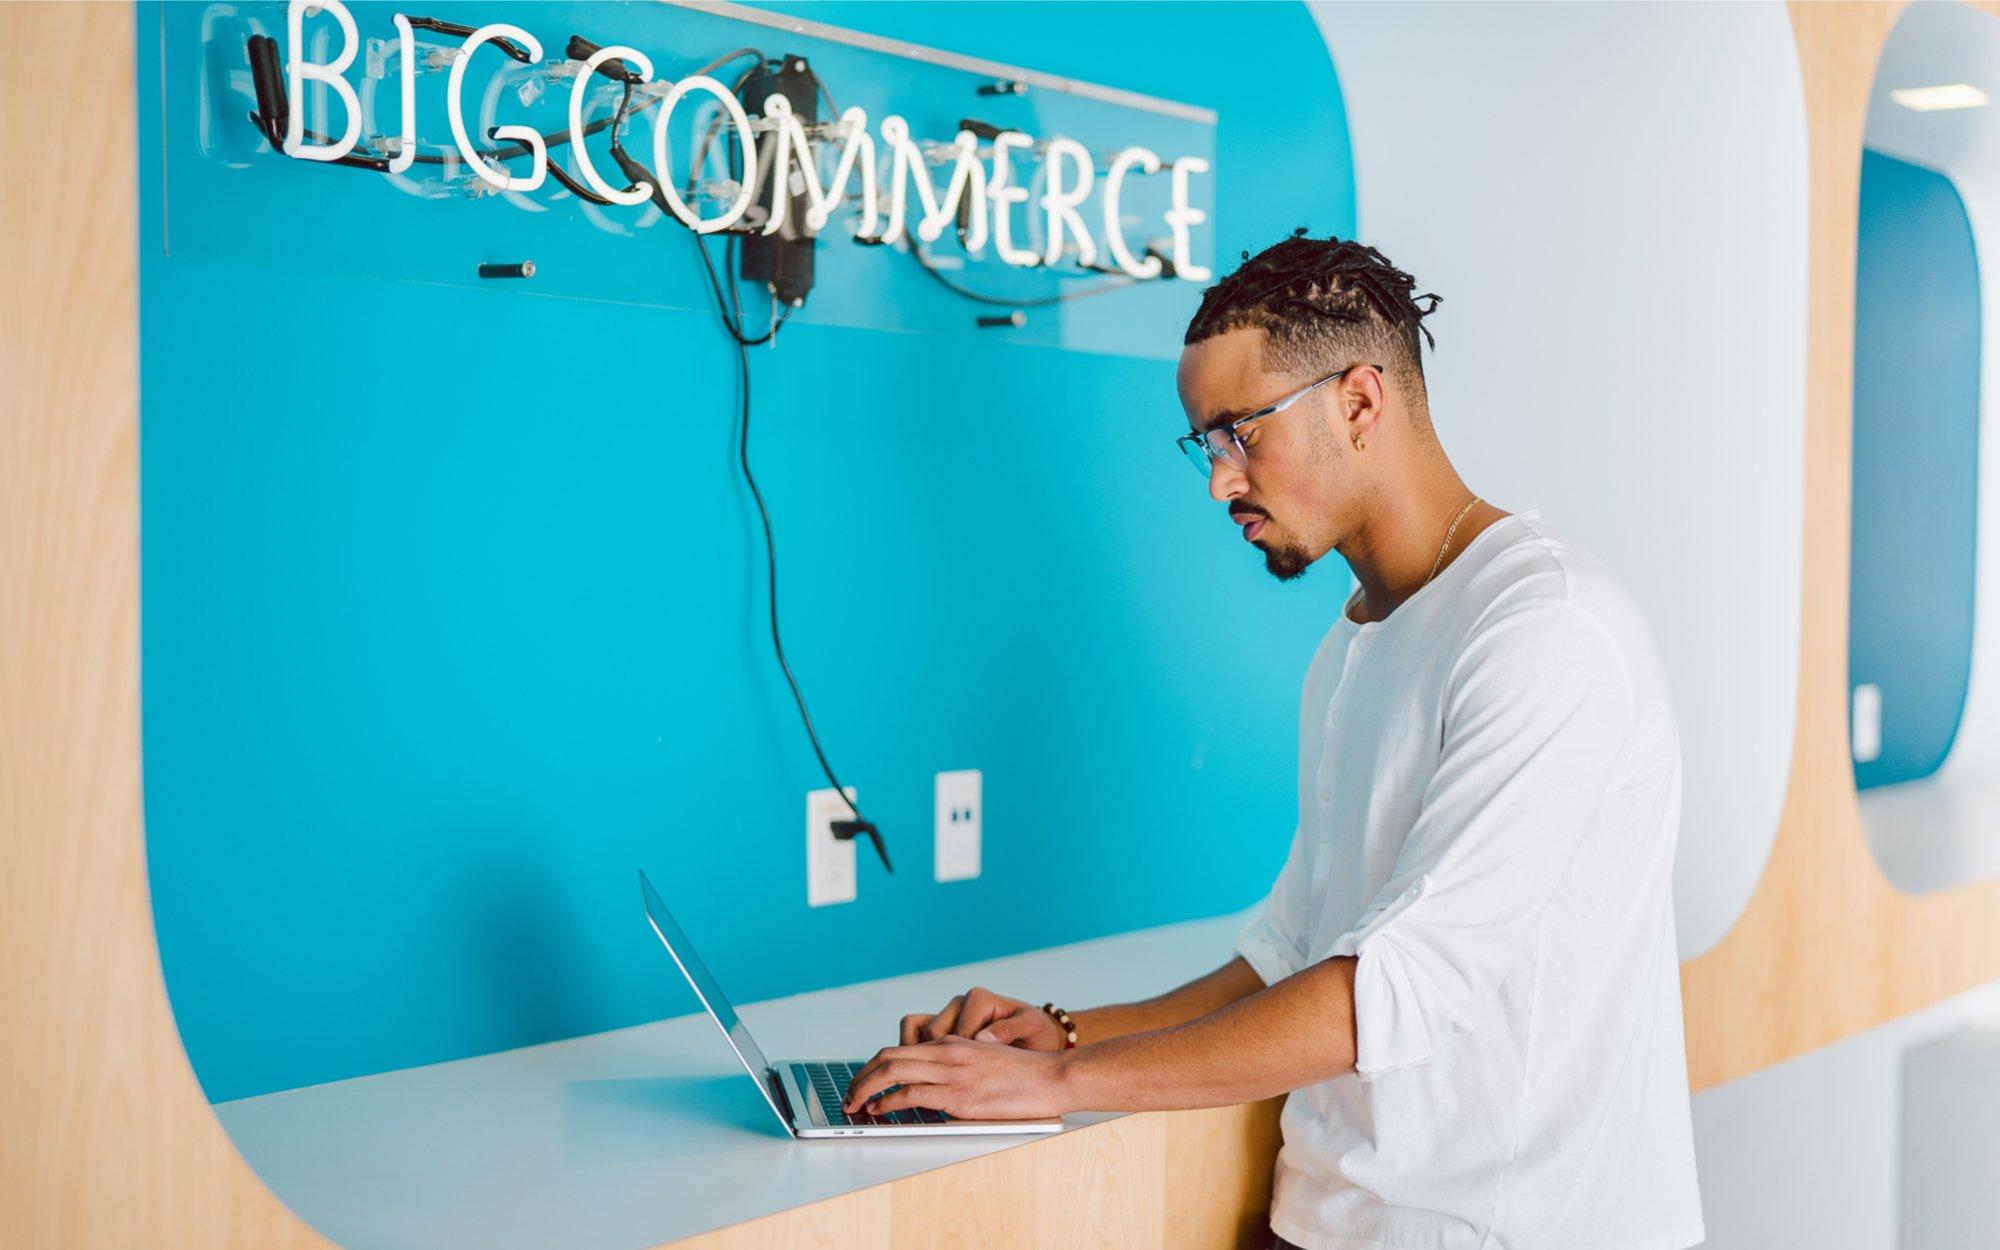 BigCommerce - Aumenta tus ventas y utilidades con la rápida visualización de tus prouctos en la Nube con BIgCommerce y la Asesoría de ClandBus